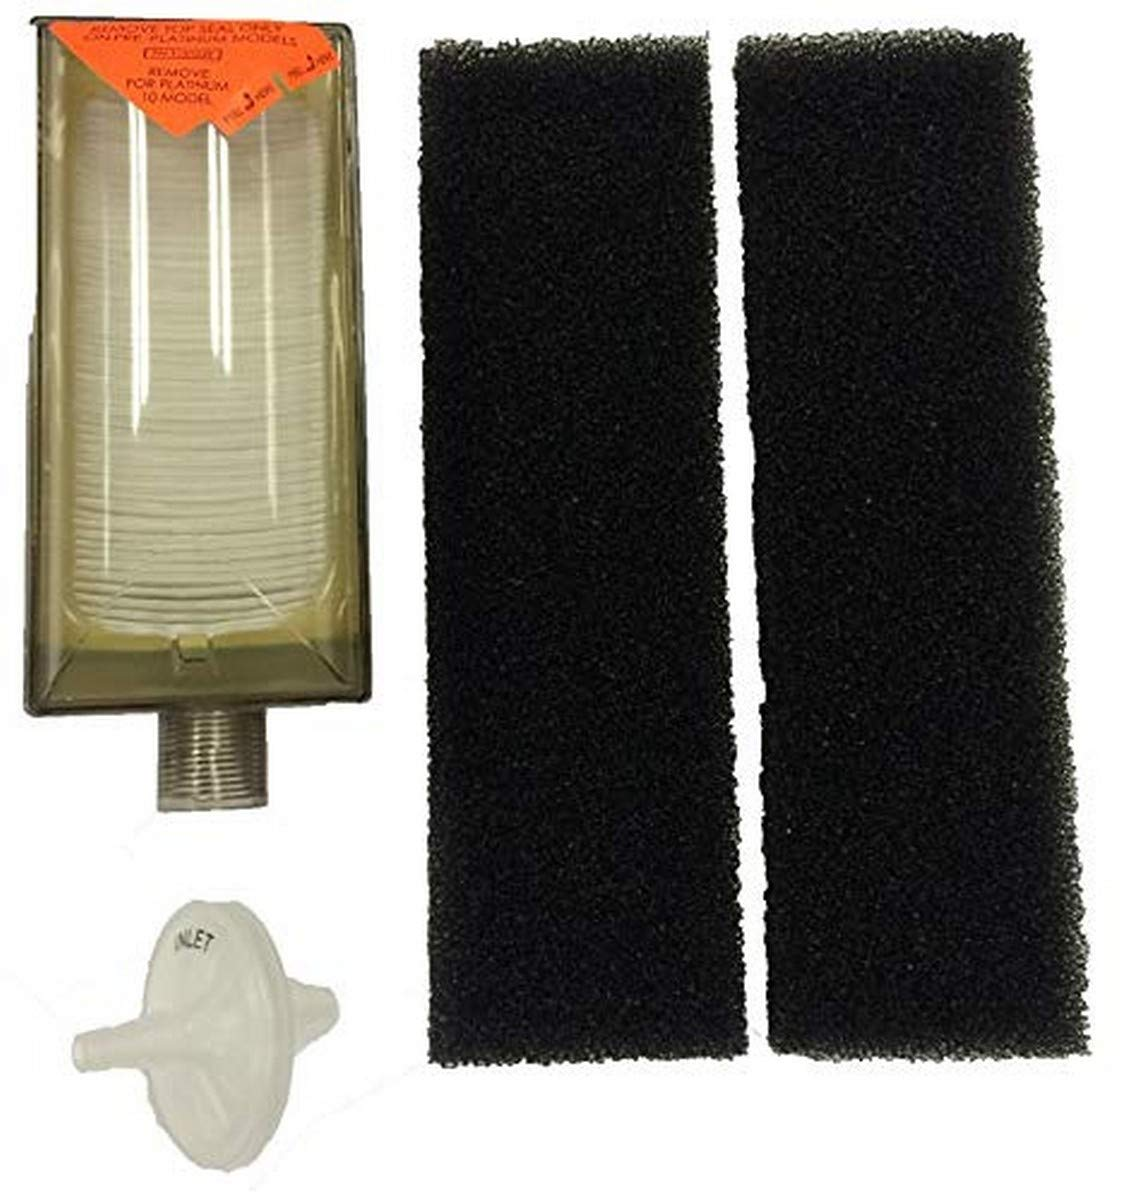 The Aftermarket Group Oxygen Concentrator Filter Kit, Smart Pack, Invacare Platinum, TAGSP1004